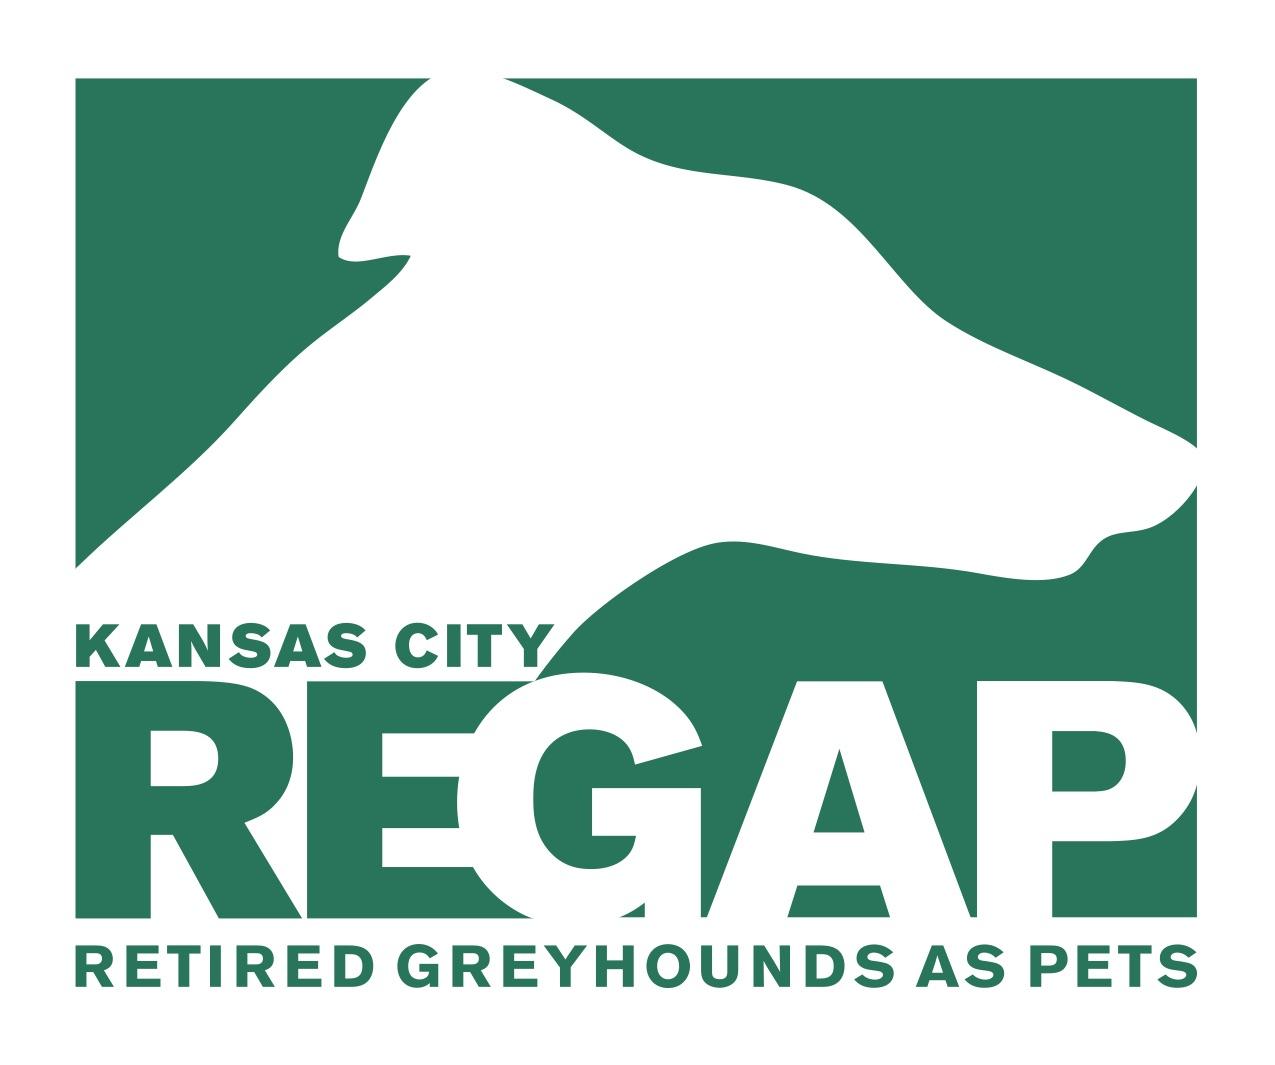 Kansas City Retired Greyhounds As Pets (KC REGAP)